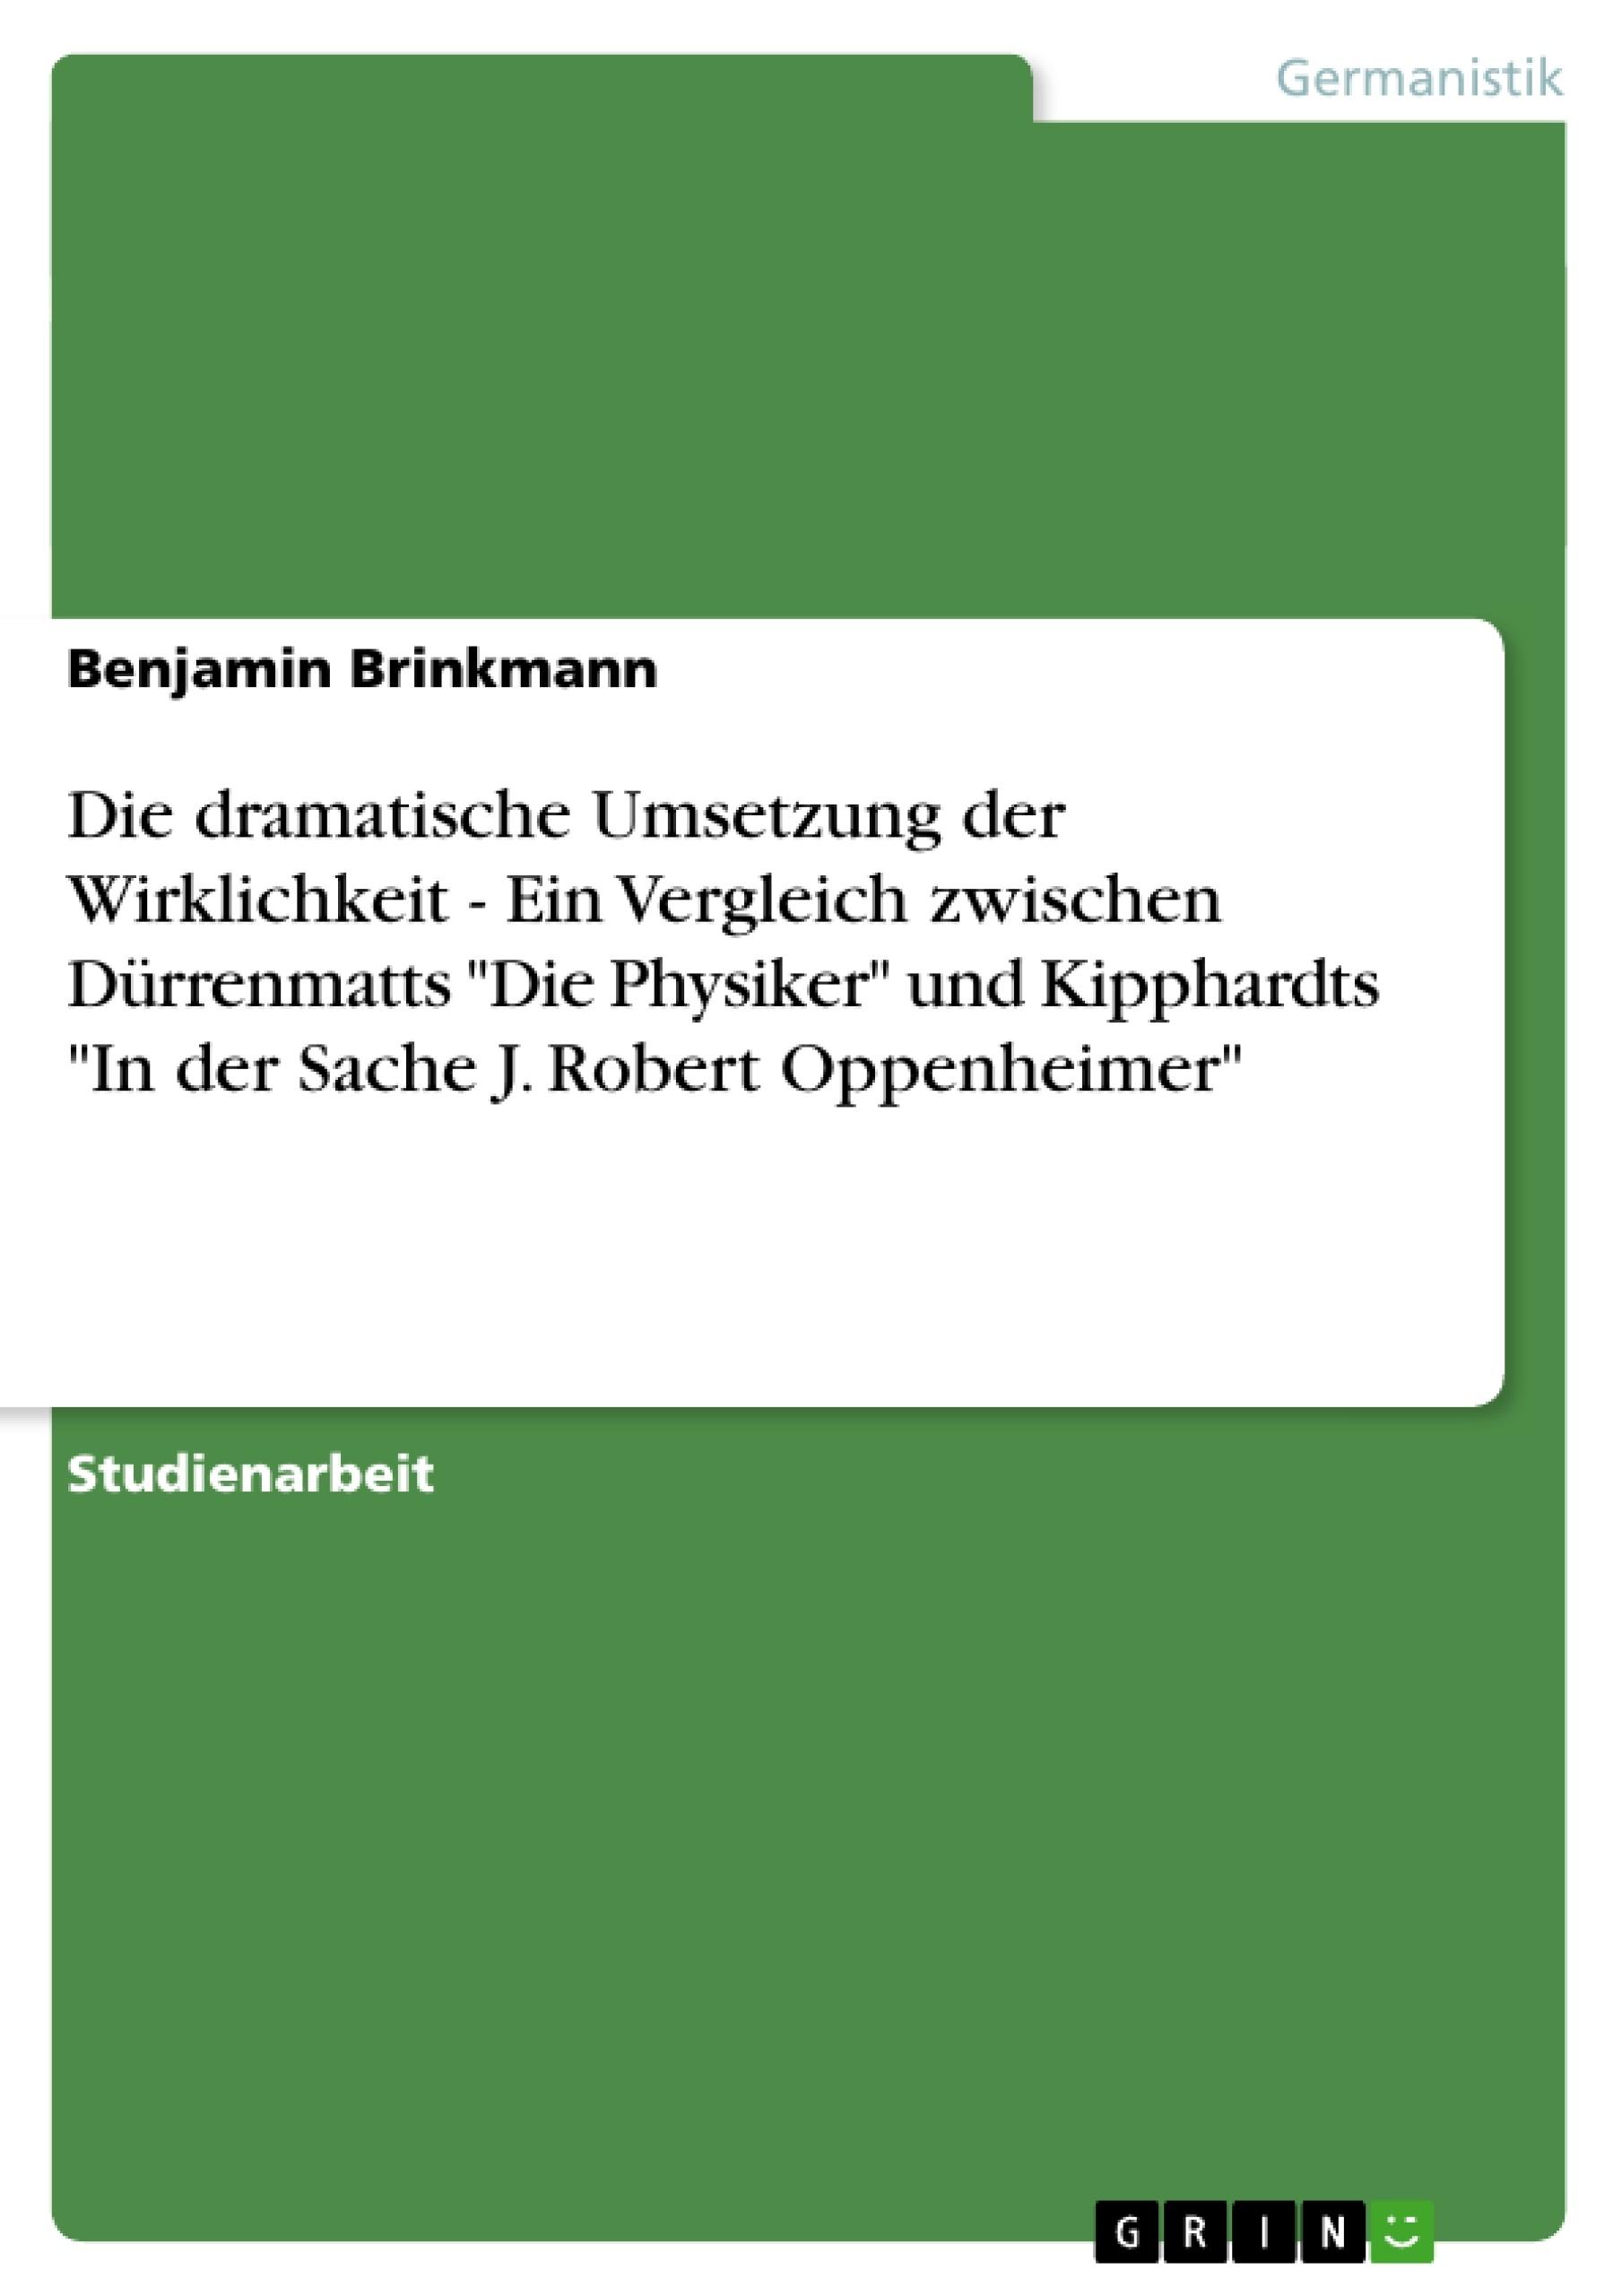 """Titel: Die dramatische Umsetzung der Wirklichkeit - Ein Vergleich zwischen Dürrenmatts """"Die Physiker"""" und Kipphardts """"In der Sache J. Robert Oppenheimer"""""""